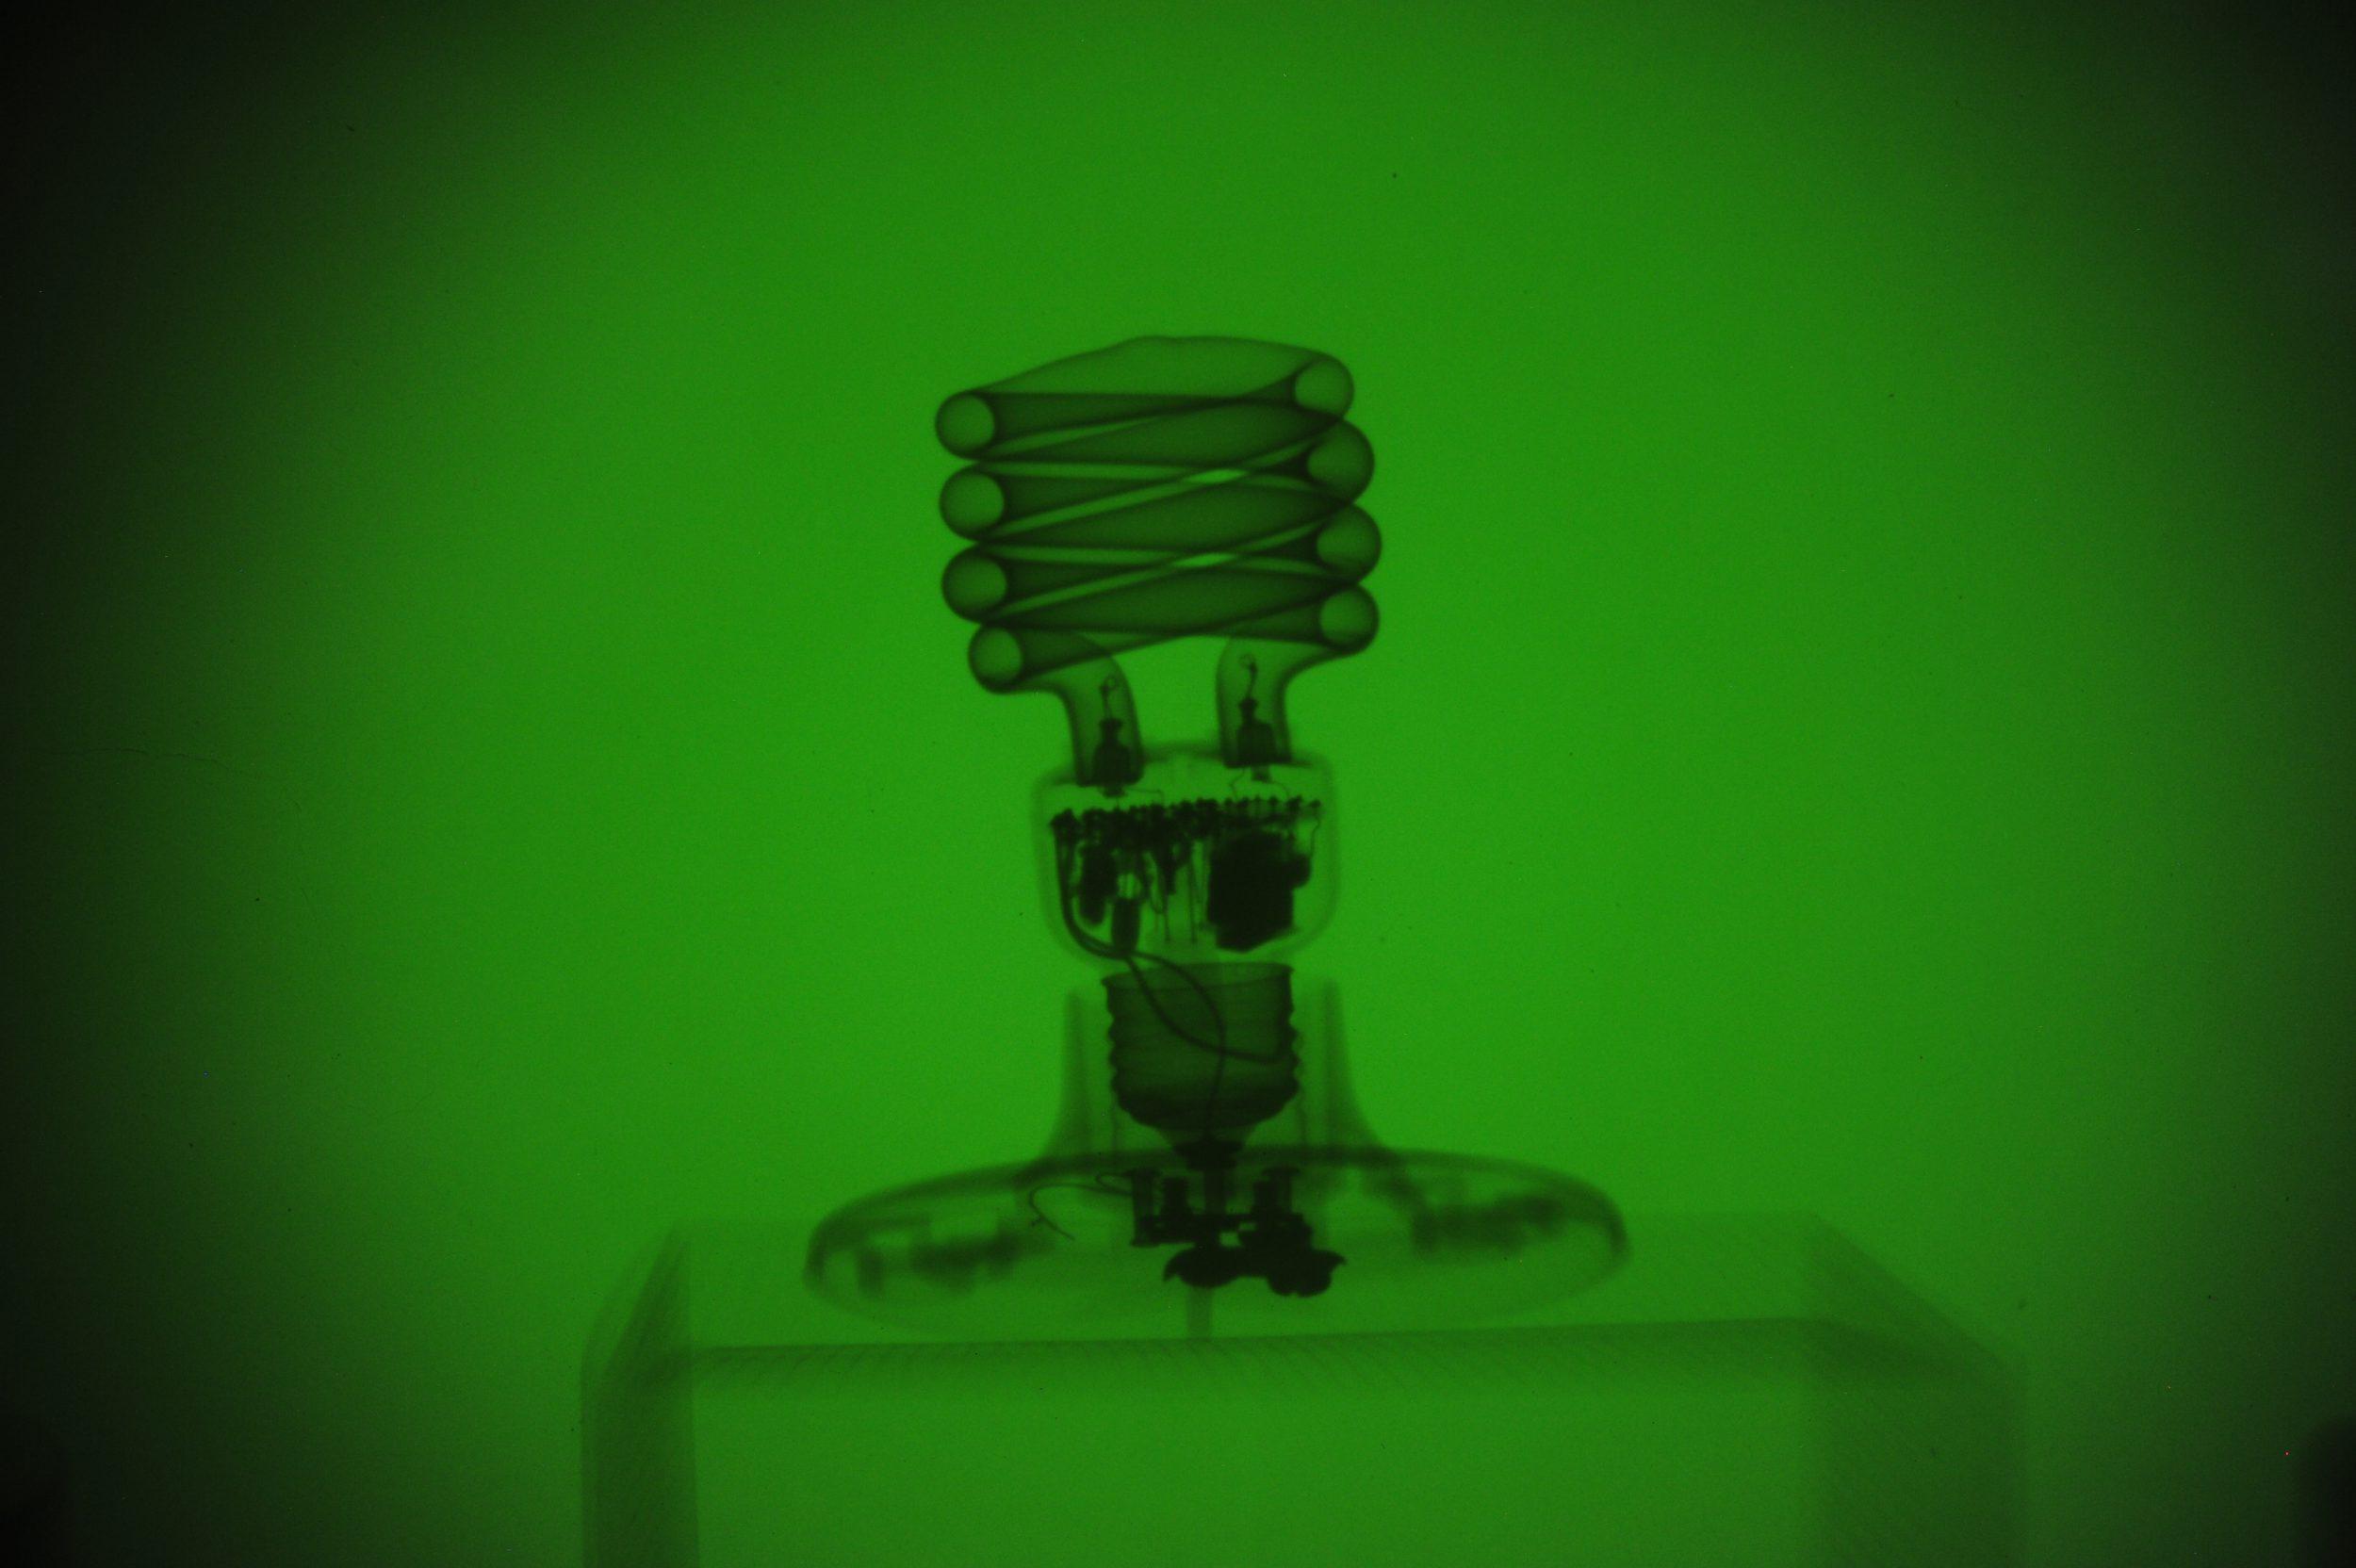 X-Rayted Photos